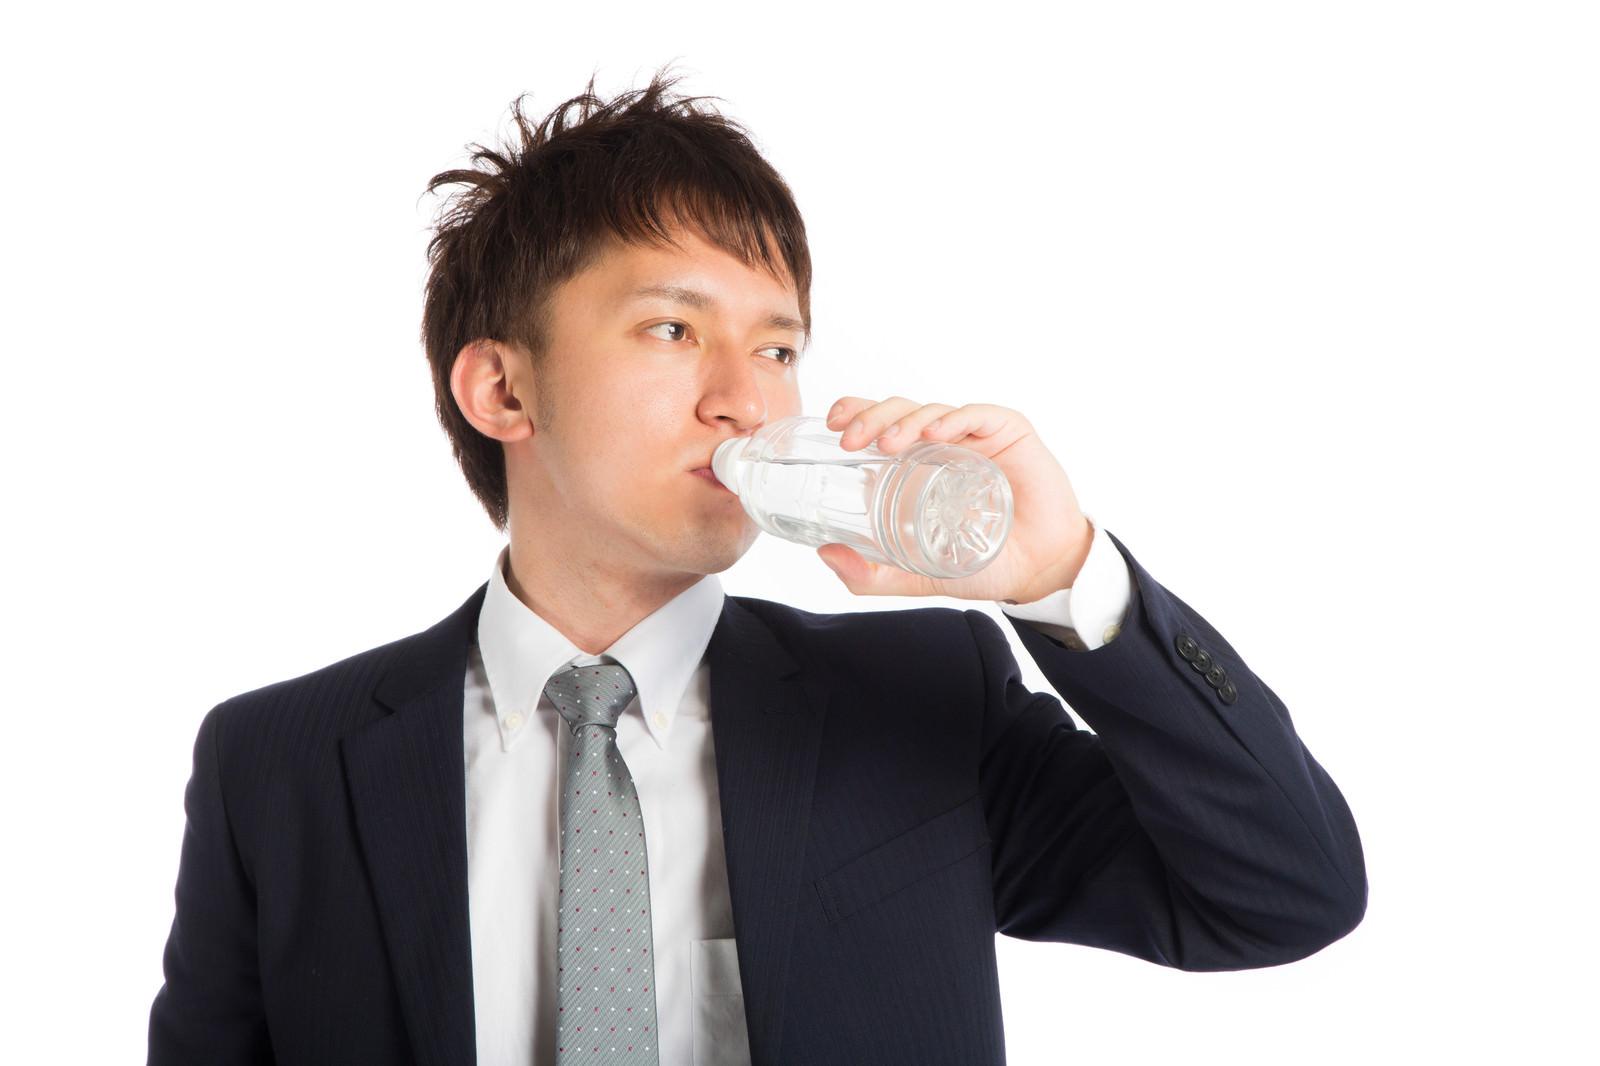 「喉を潤すビジネスマン喉を潤すビジネスマン」[モデル:鈴木秀]のフリー写真素材を拡大